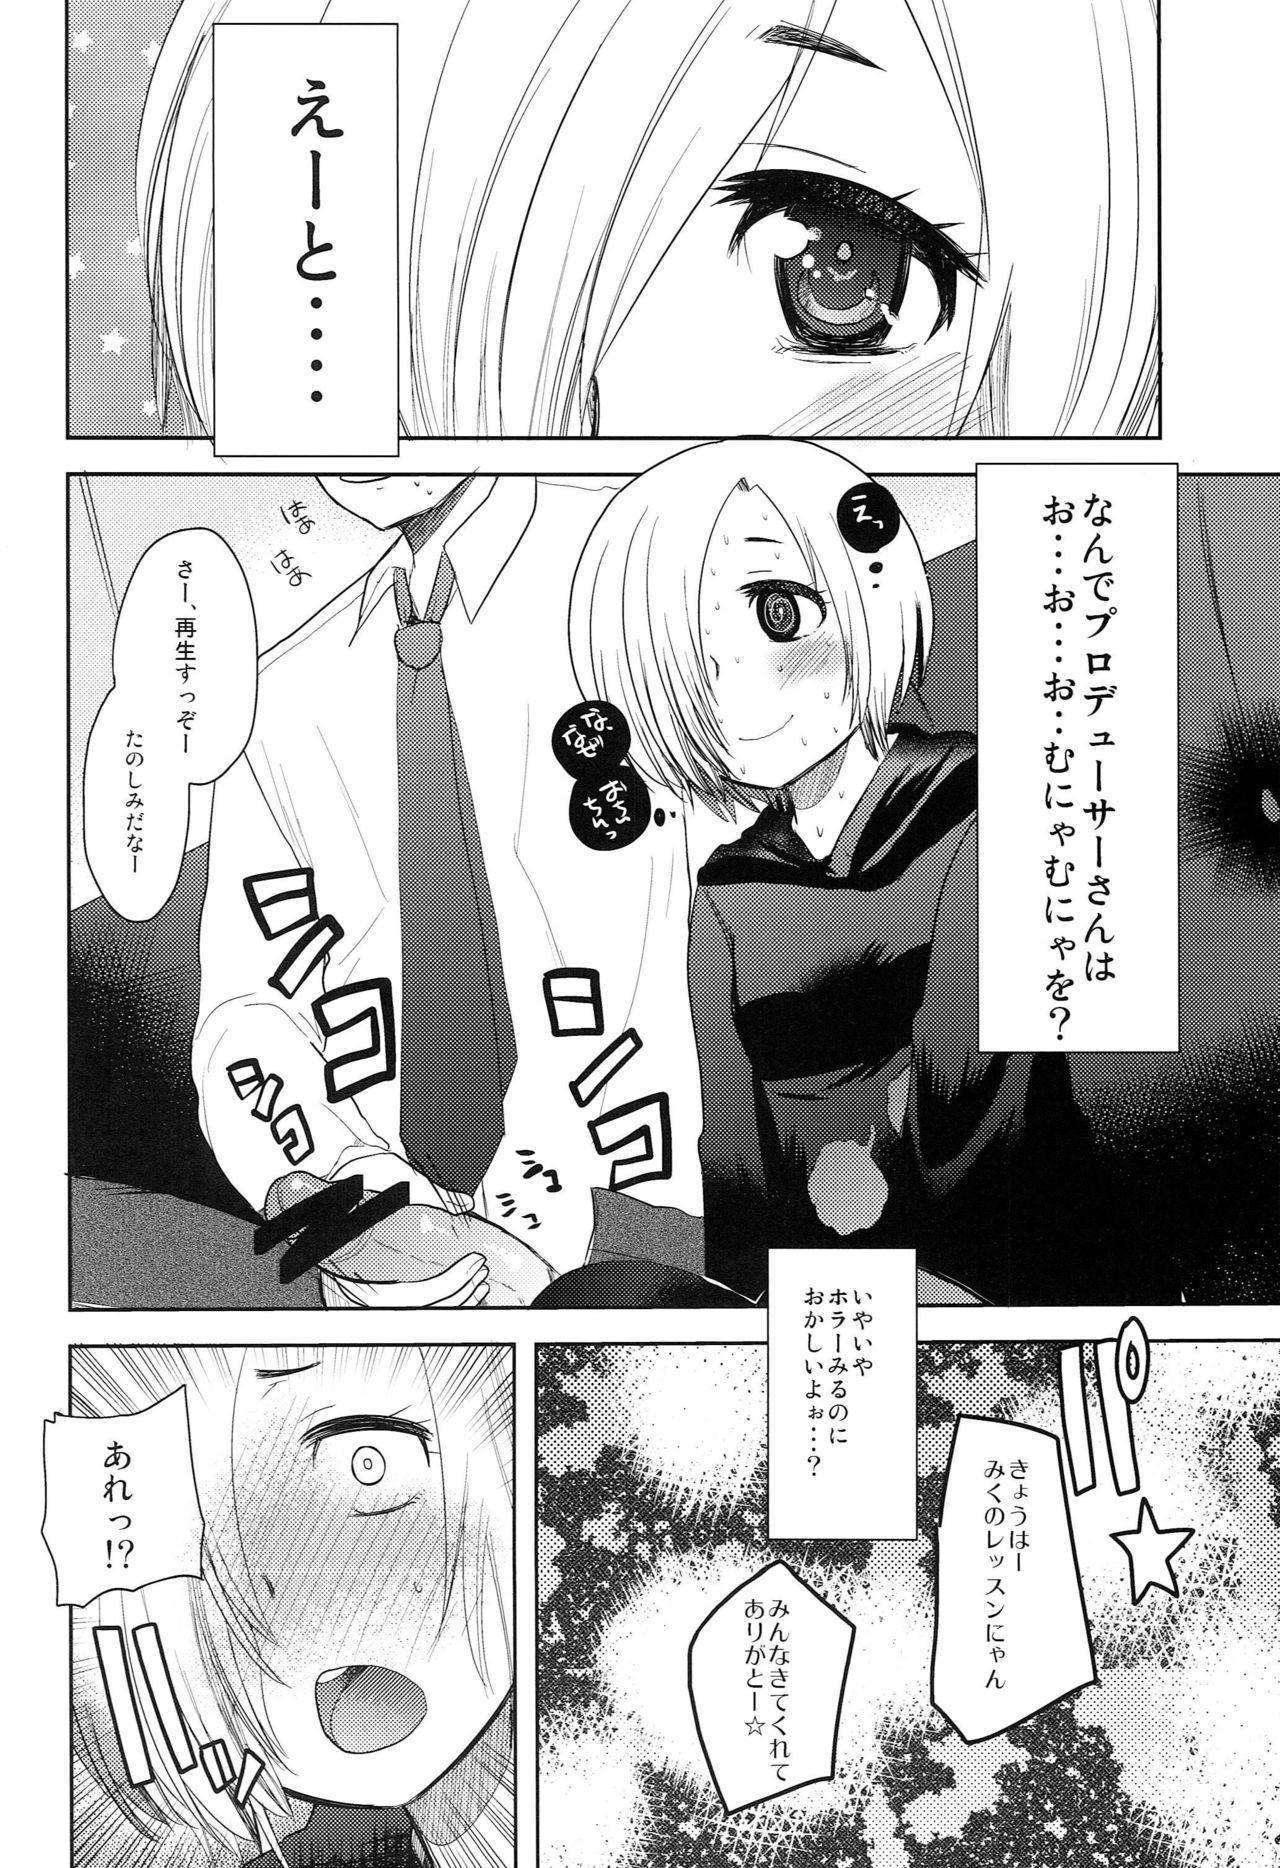 P-san! Sonnani Watashitachi Ijimete Tanoshii n Desuka 4